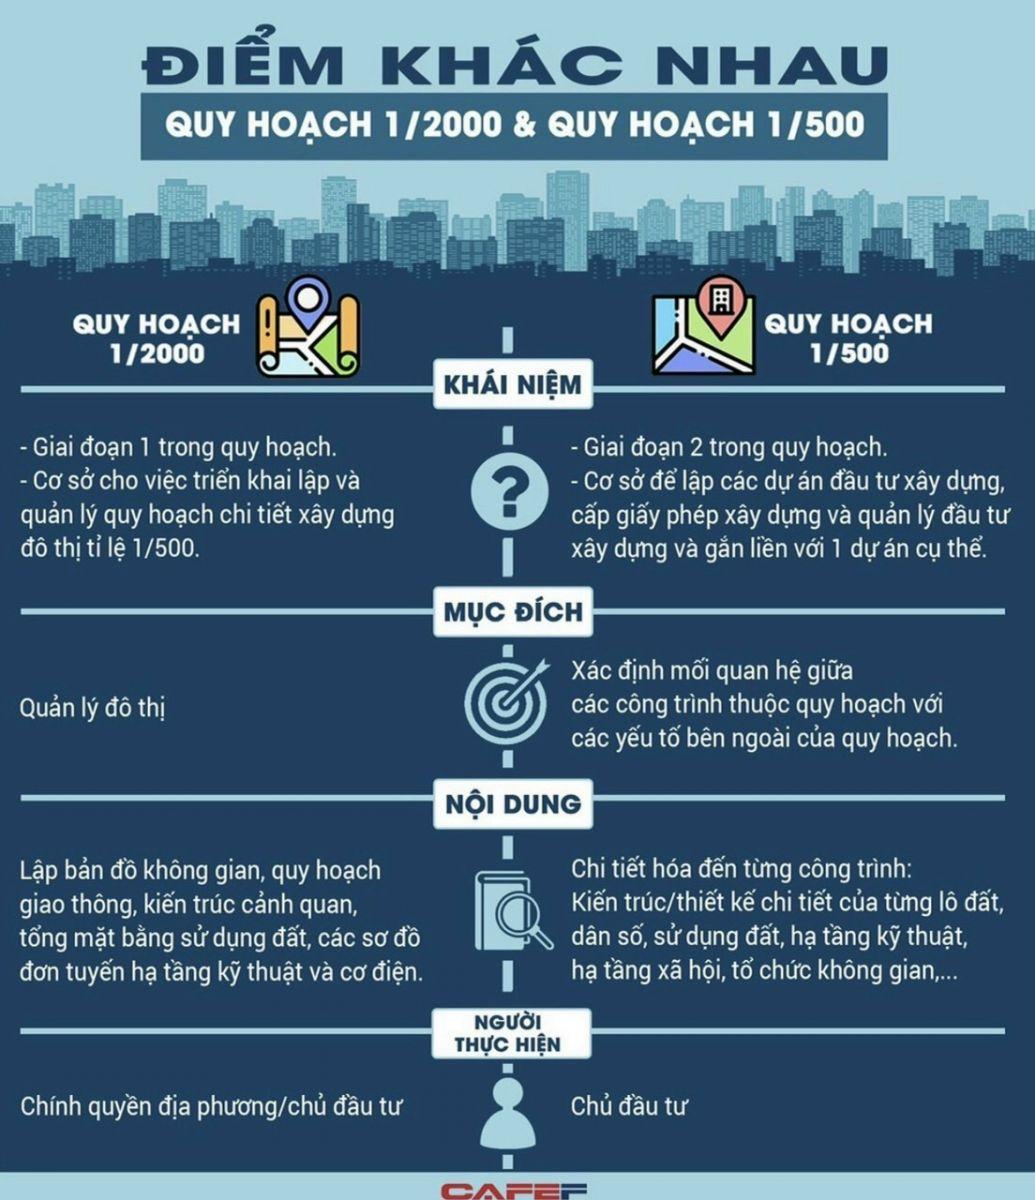 Sự khác nhau giữa quy hoạch 1/2000 và quy hoạch 1/500